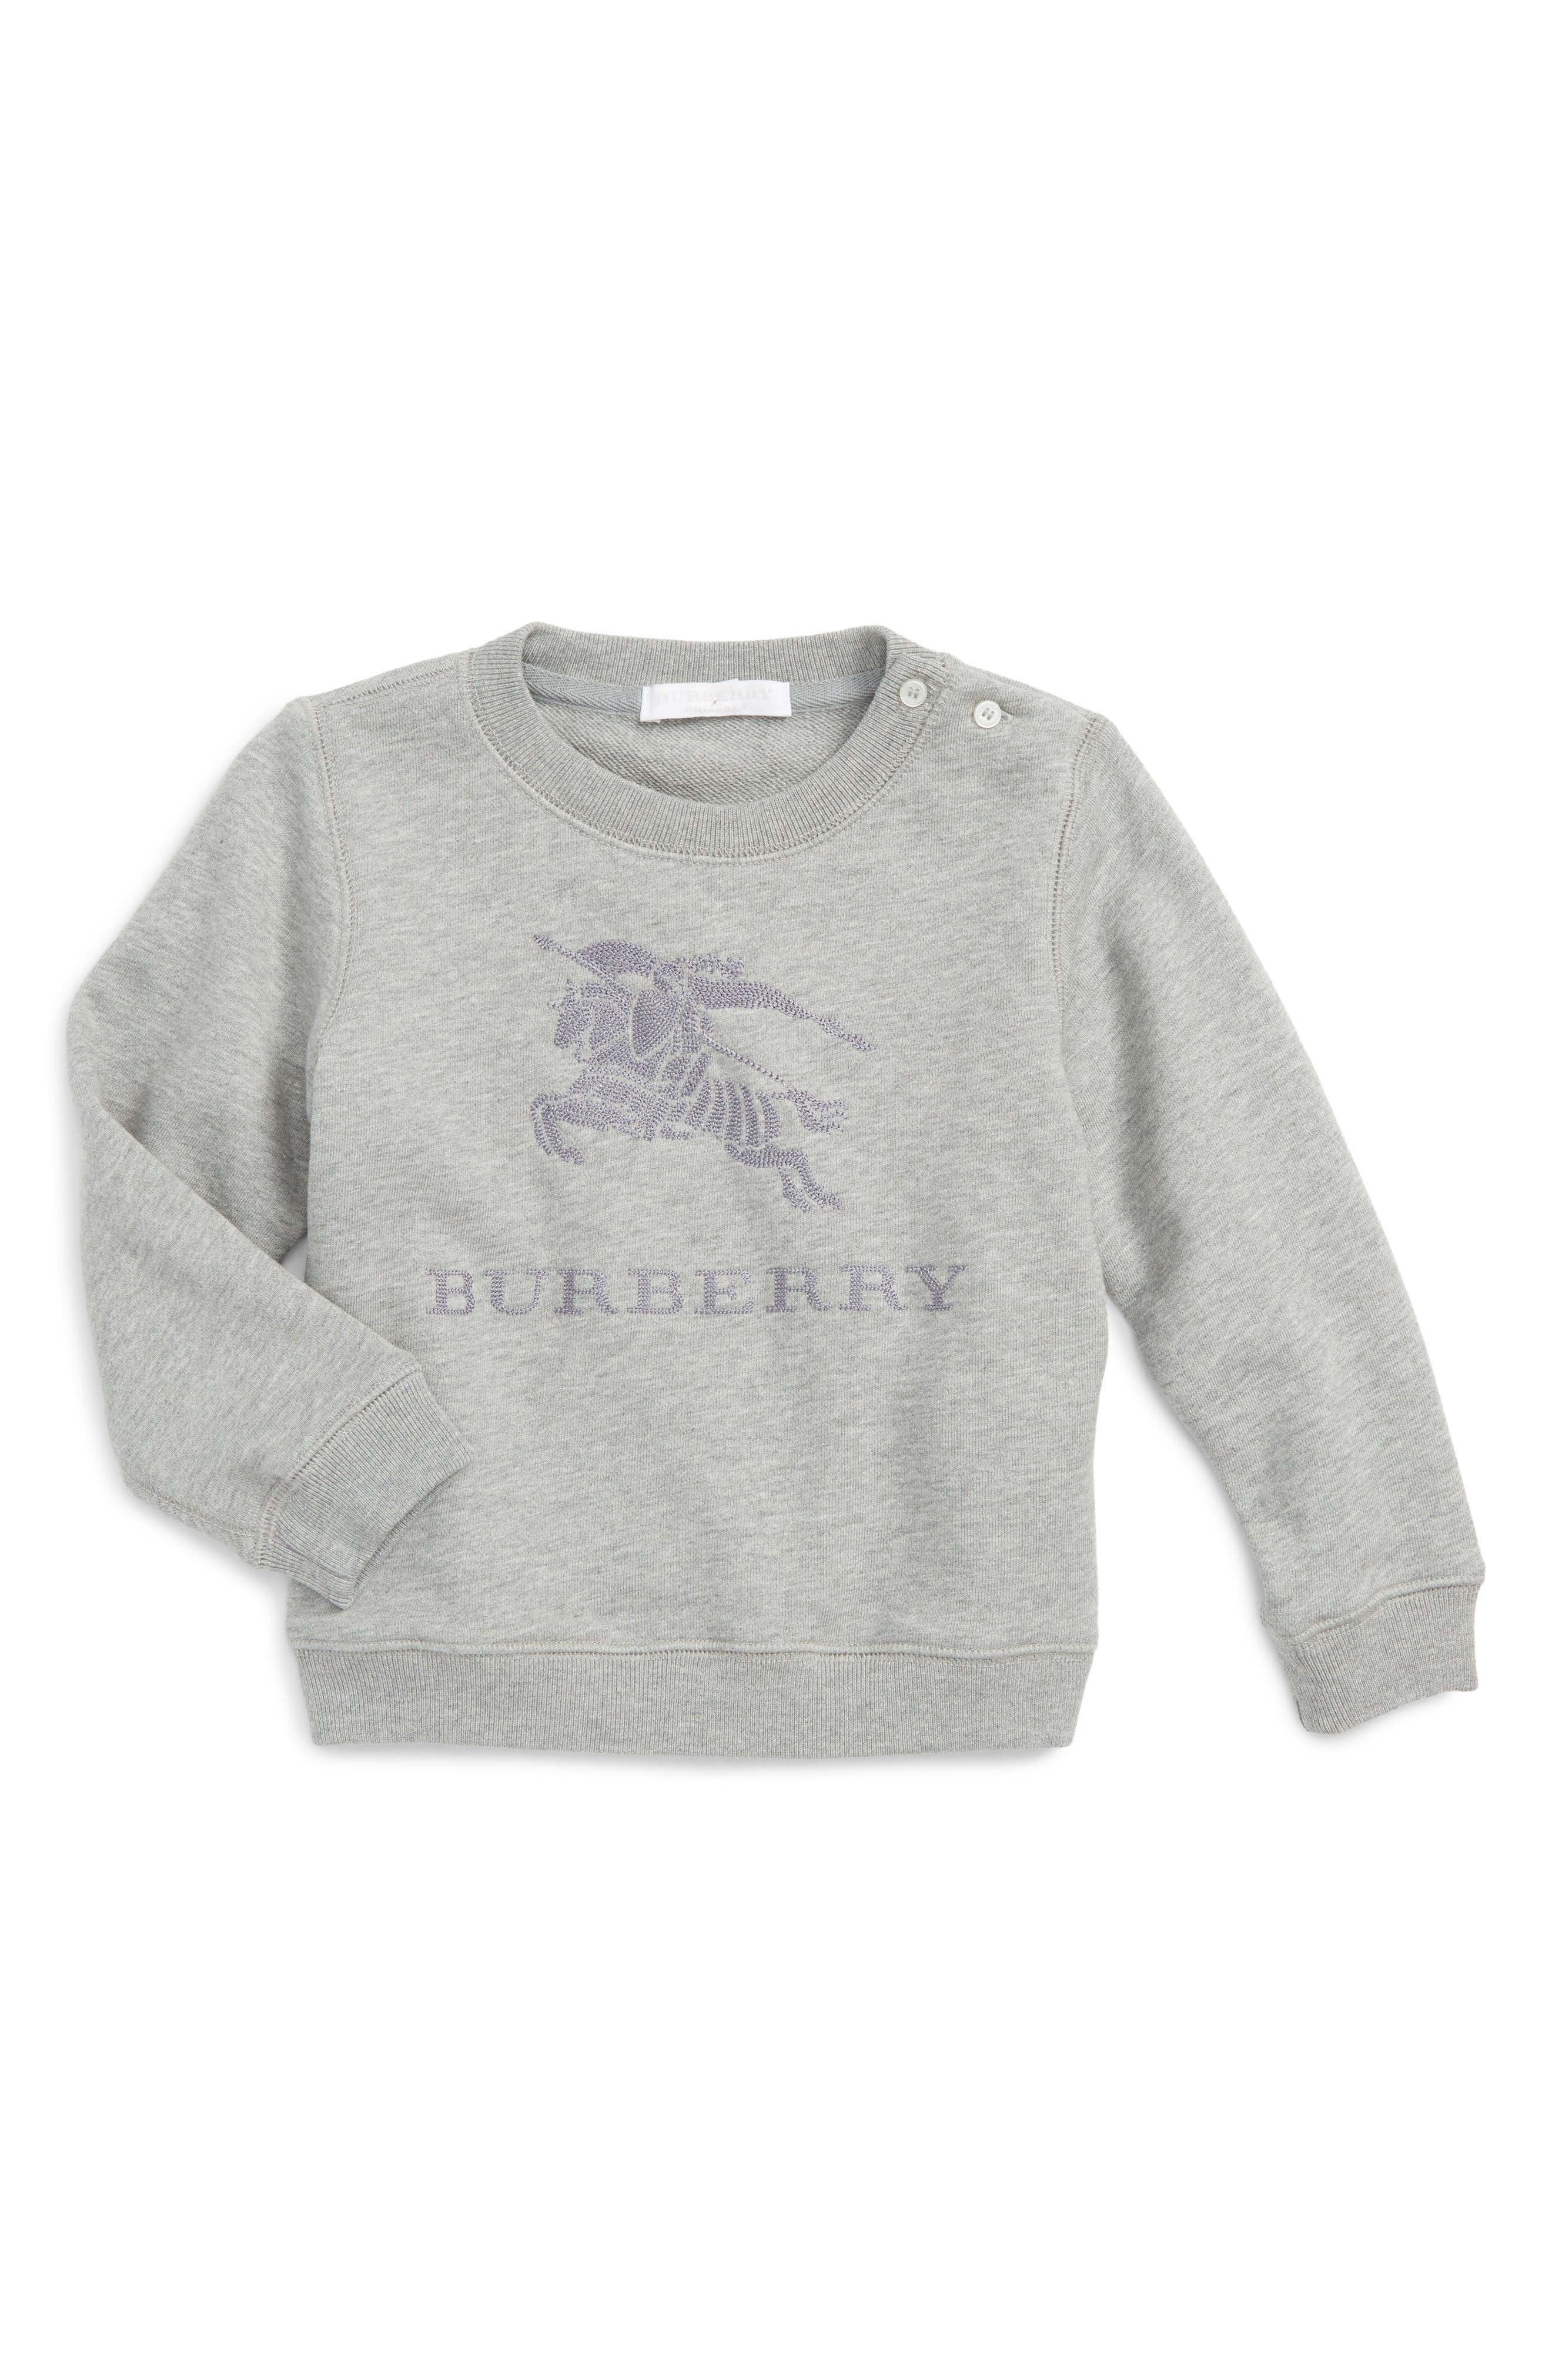 Tom Embroidered Pullover,                         Main,                         color, Grey Melange